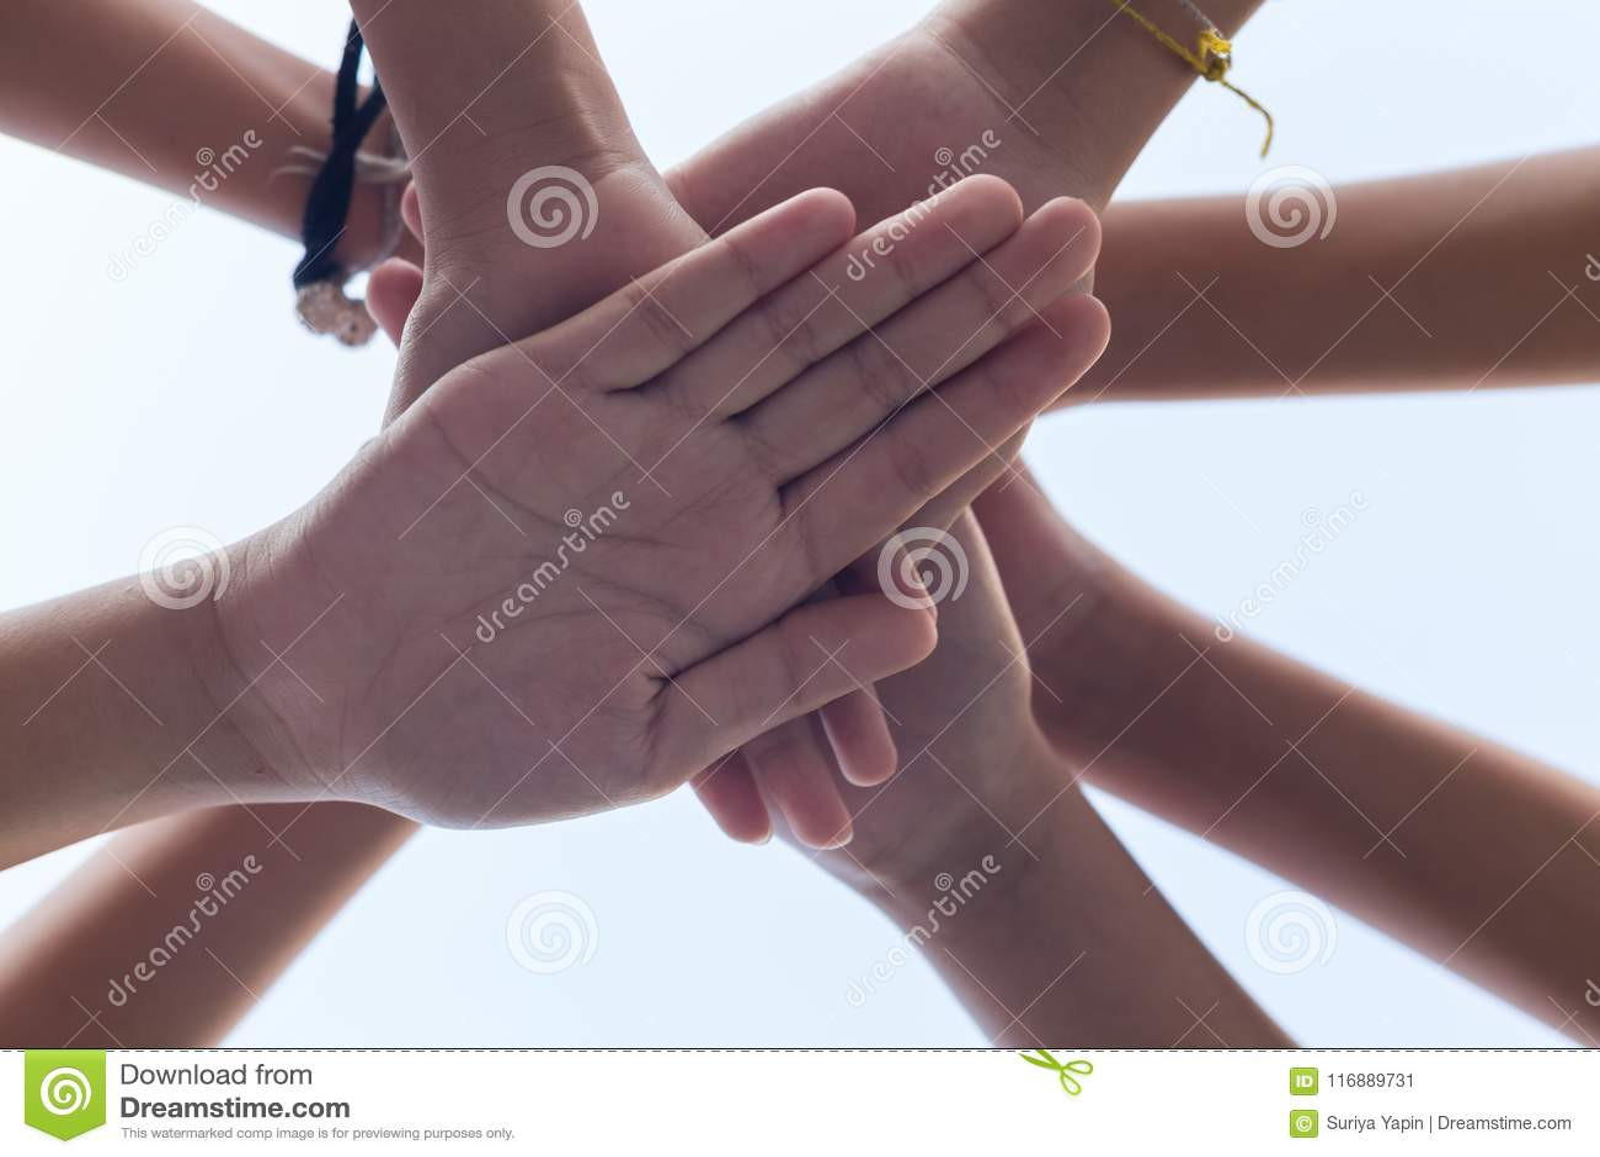 För handflicka för slut övre makt, teamwork som staplar handen